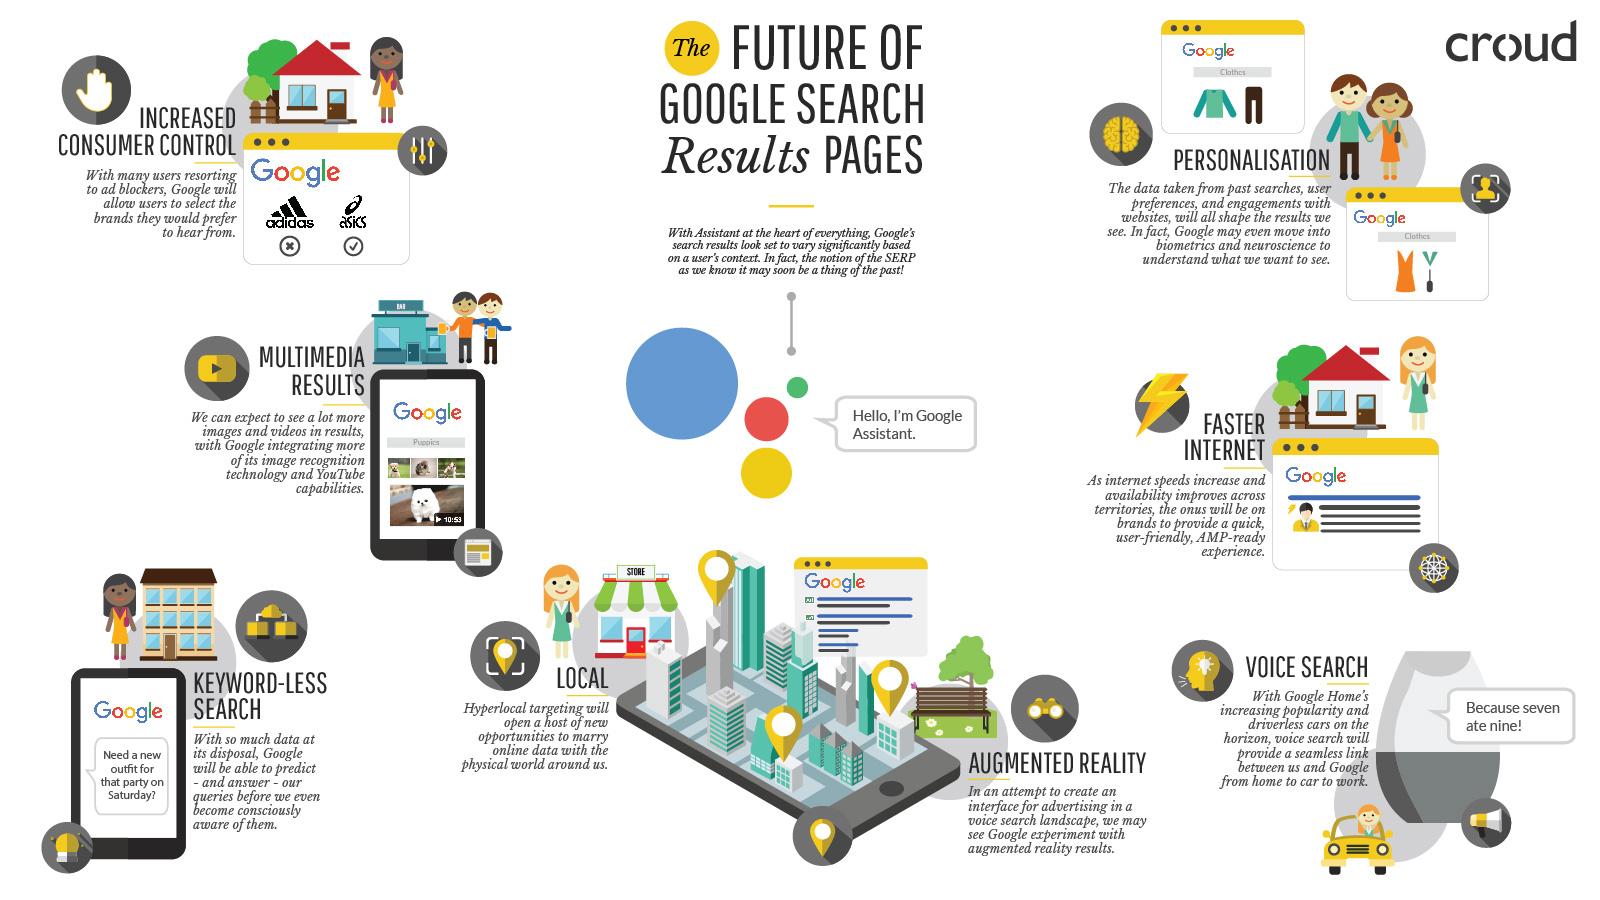 De toekomst van Google zoekresultaten